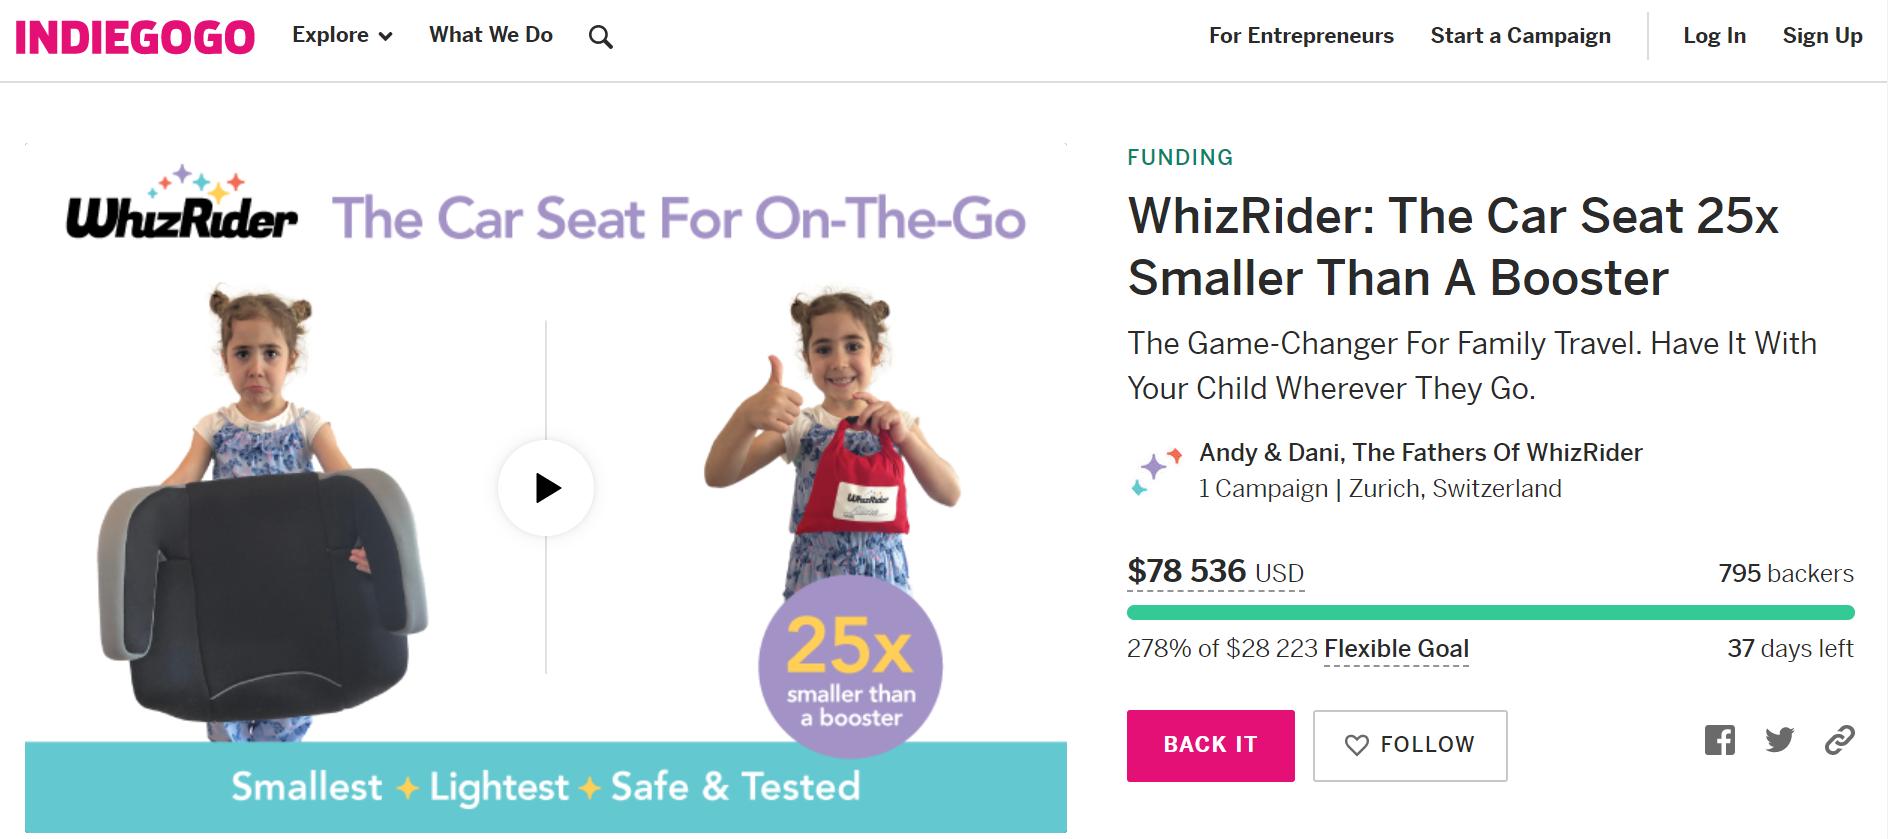 Crowdfunding Platform for Fundraising IndieGoGo